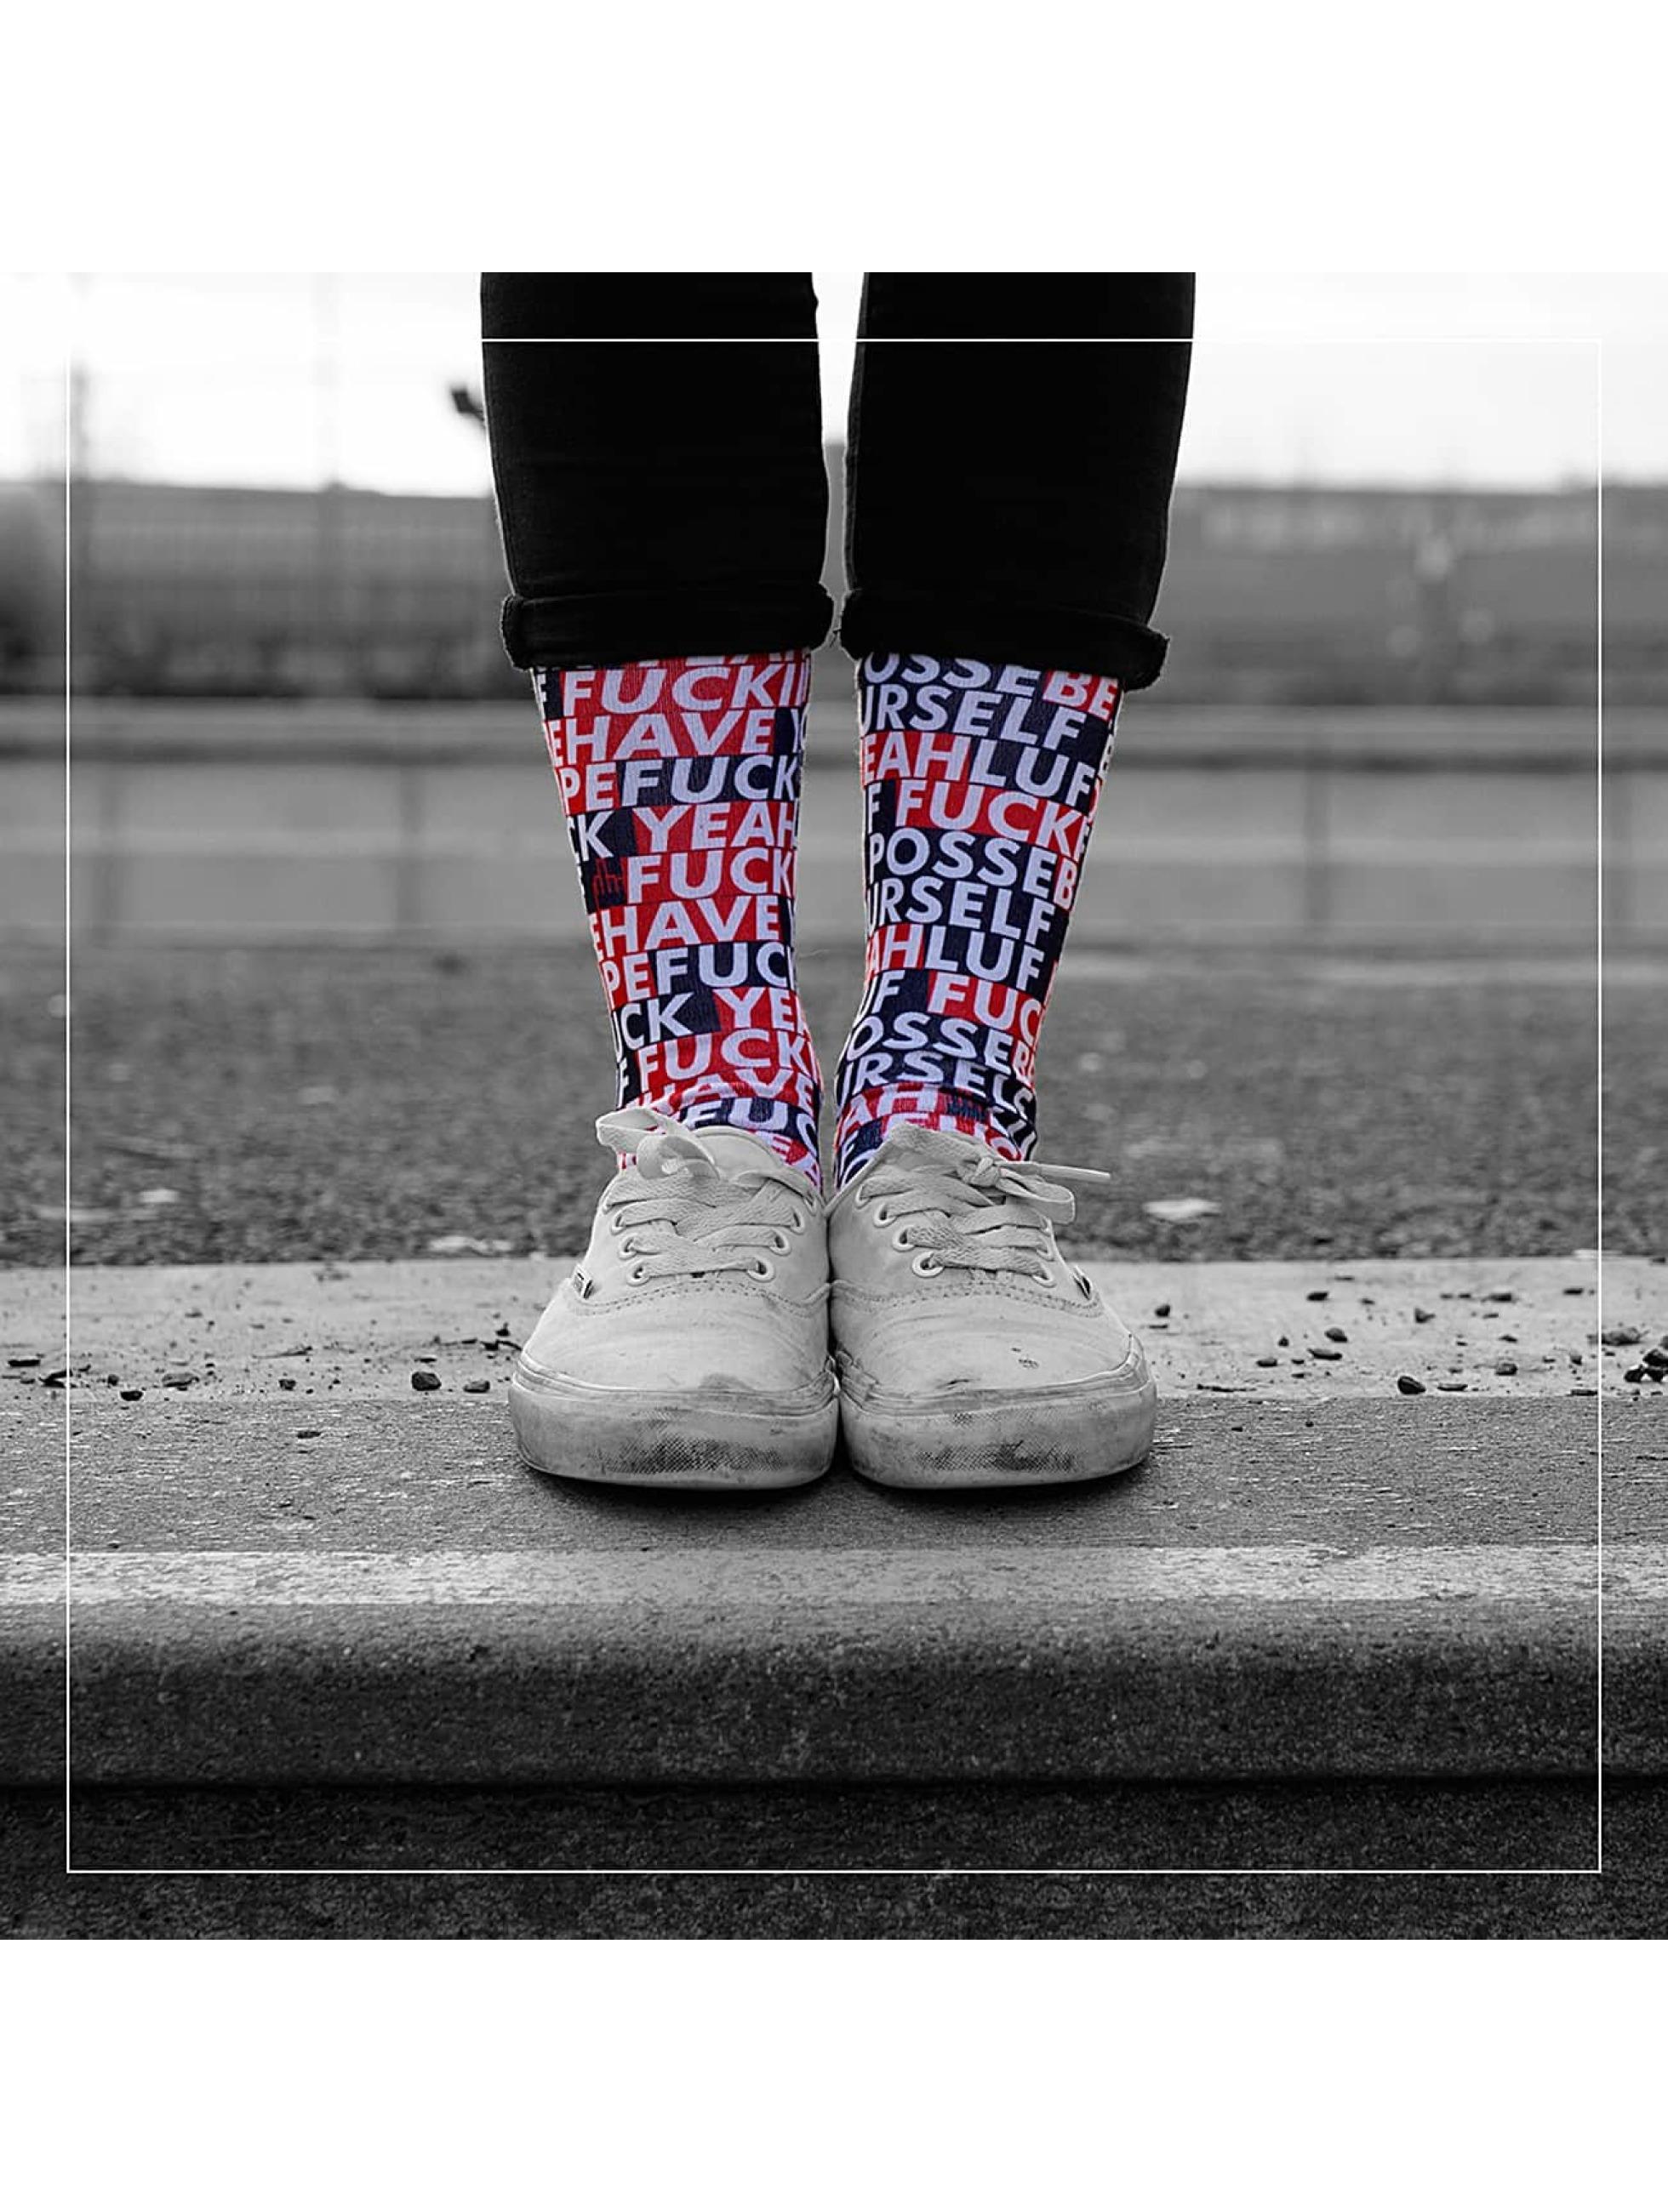 LUF SOX Männer,Frauen Socken Posse in bunt